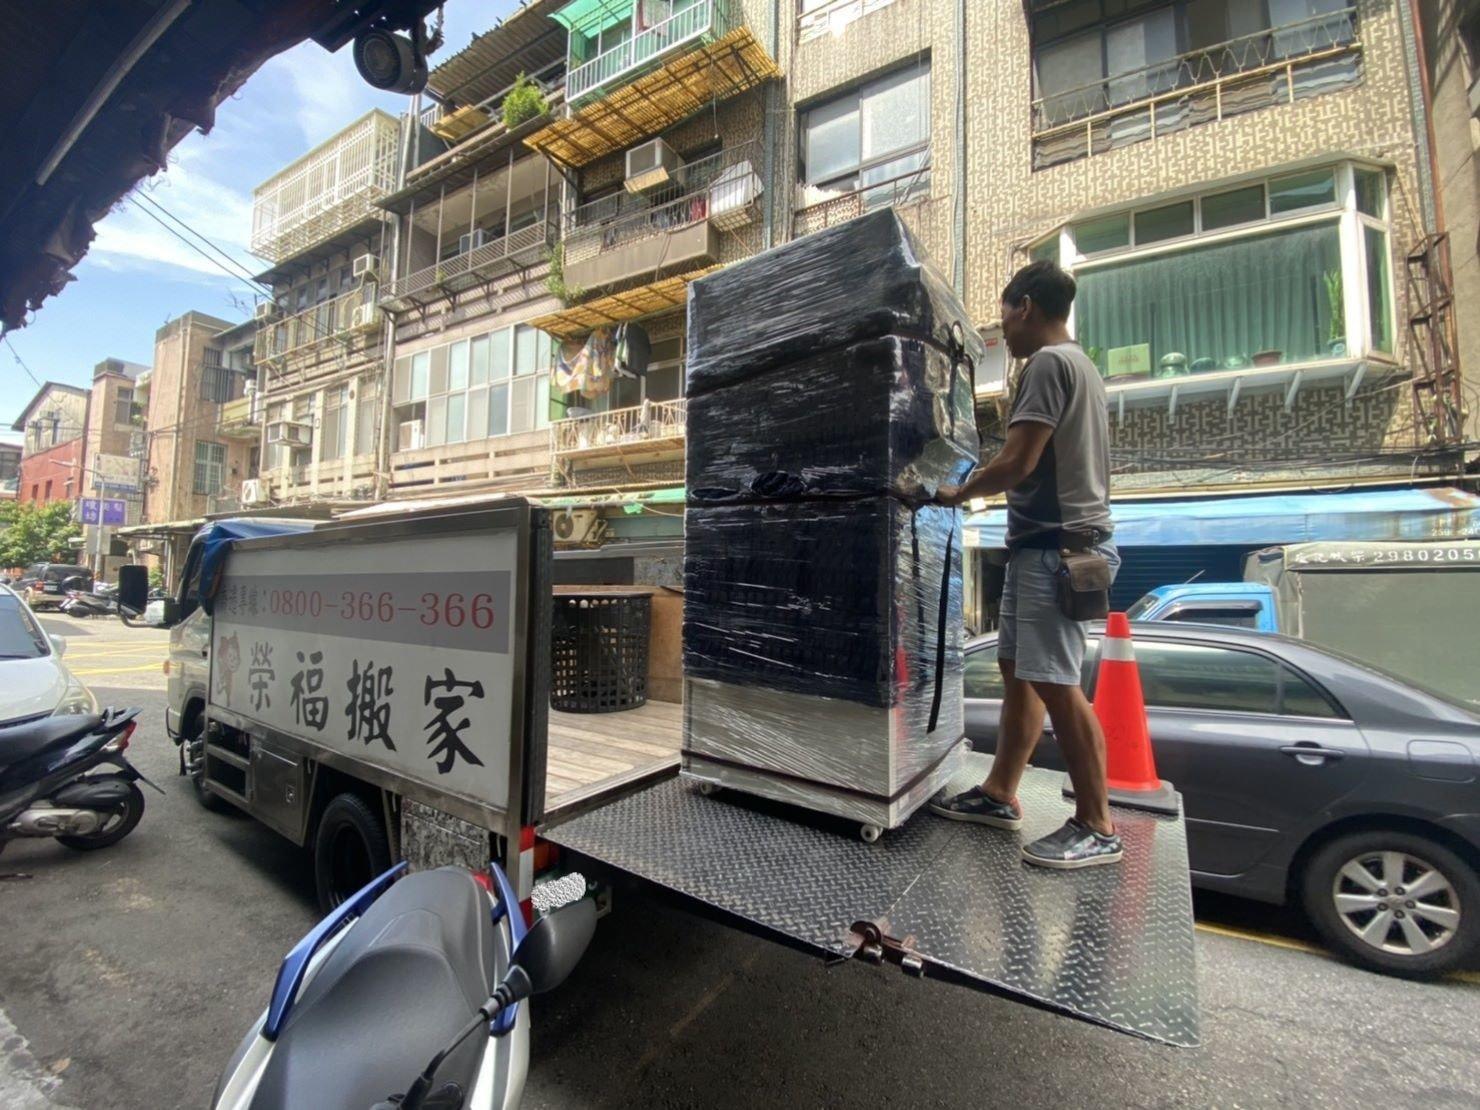 搬家公司【榮福搬家公司】台北搬家、新北搬家、重物搬運推薦值得您的信賴與選擇:將冷凍冰箱推至升降板上,準備從貨車上卸下了。